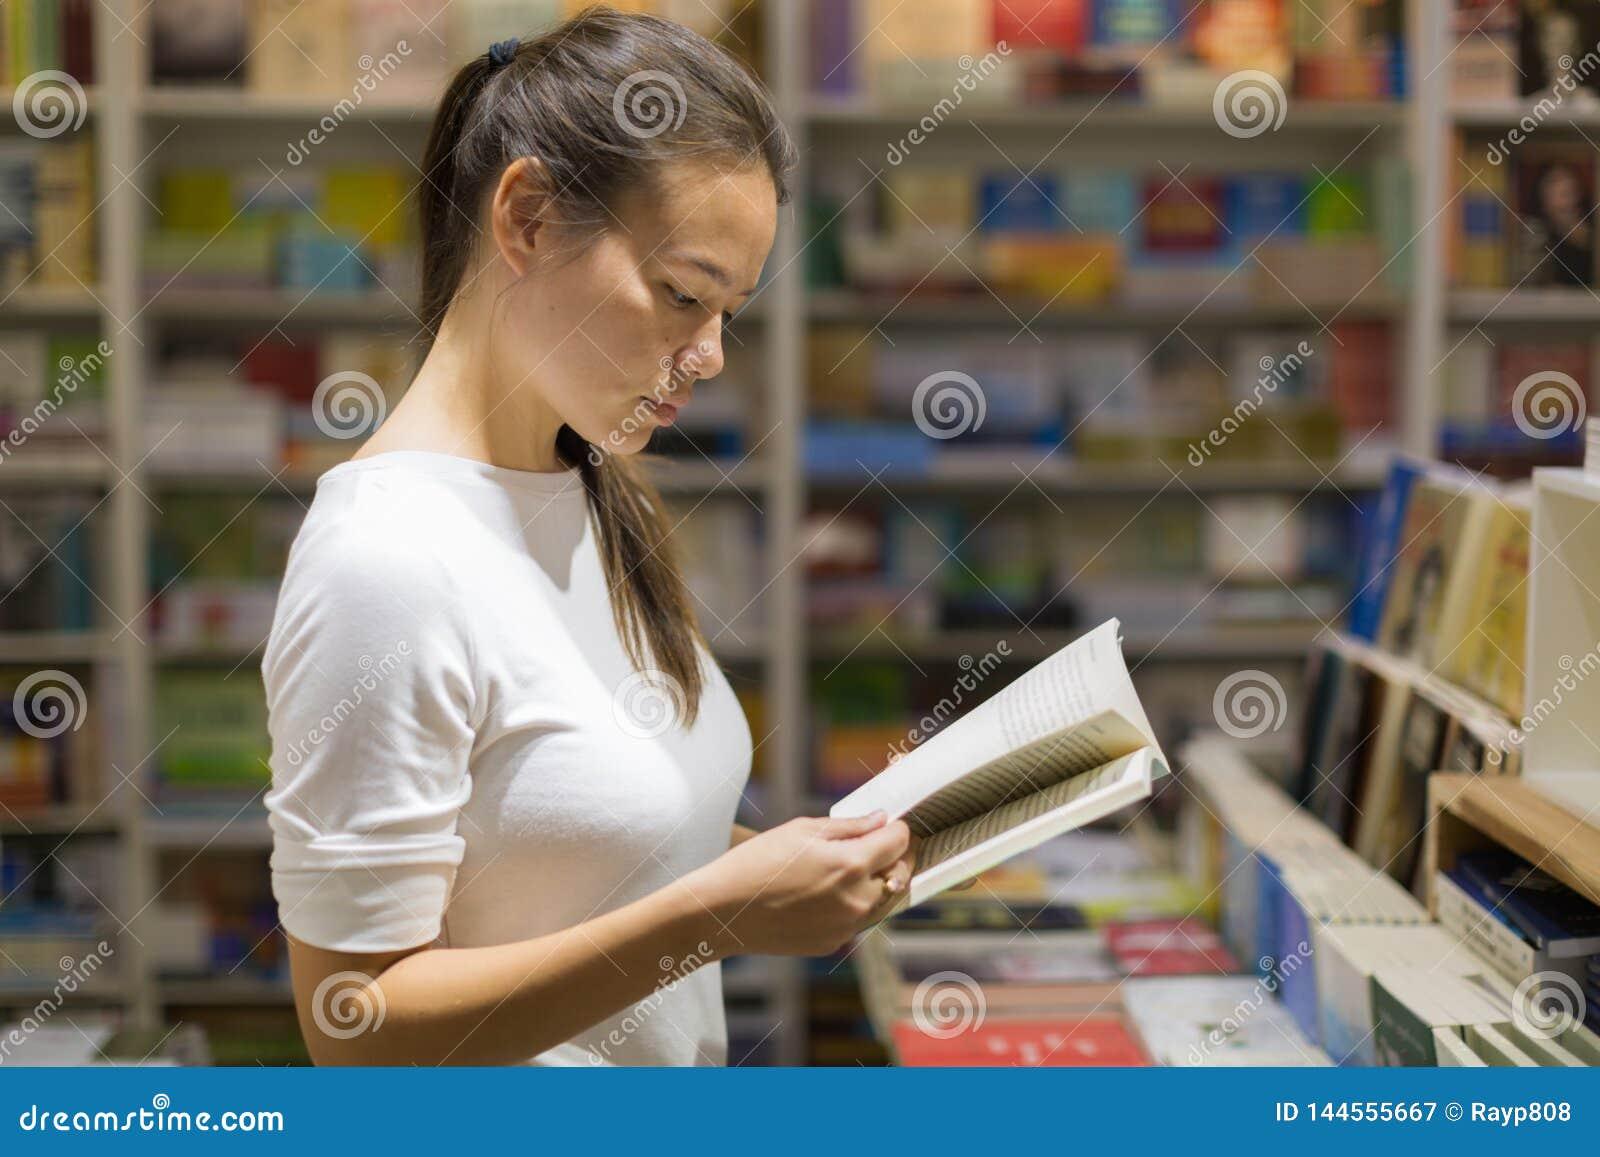 Młoda kobieta czyta książkę w bibliotece